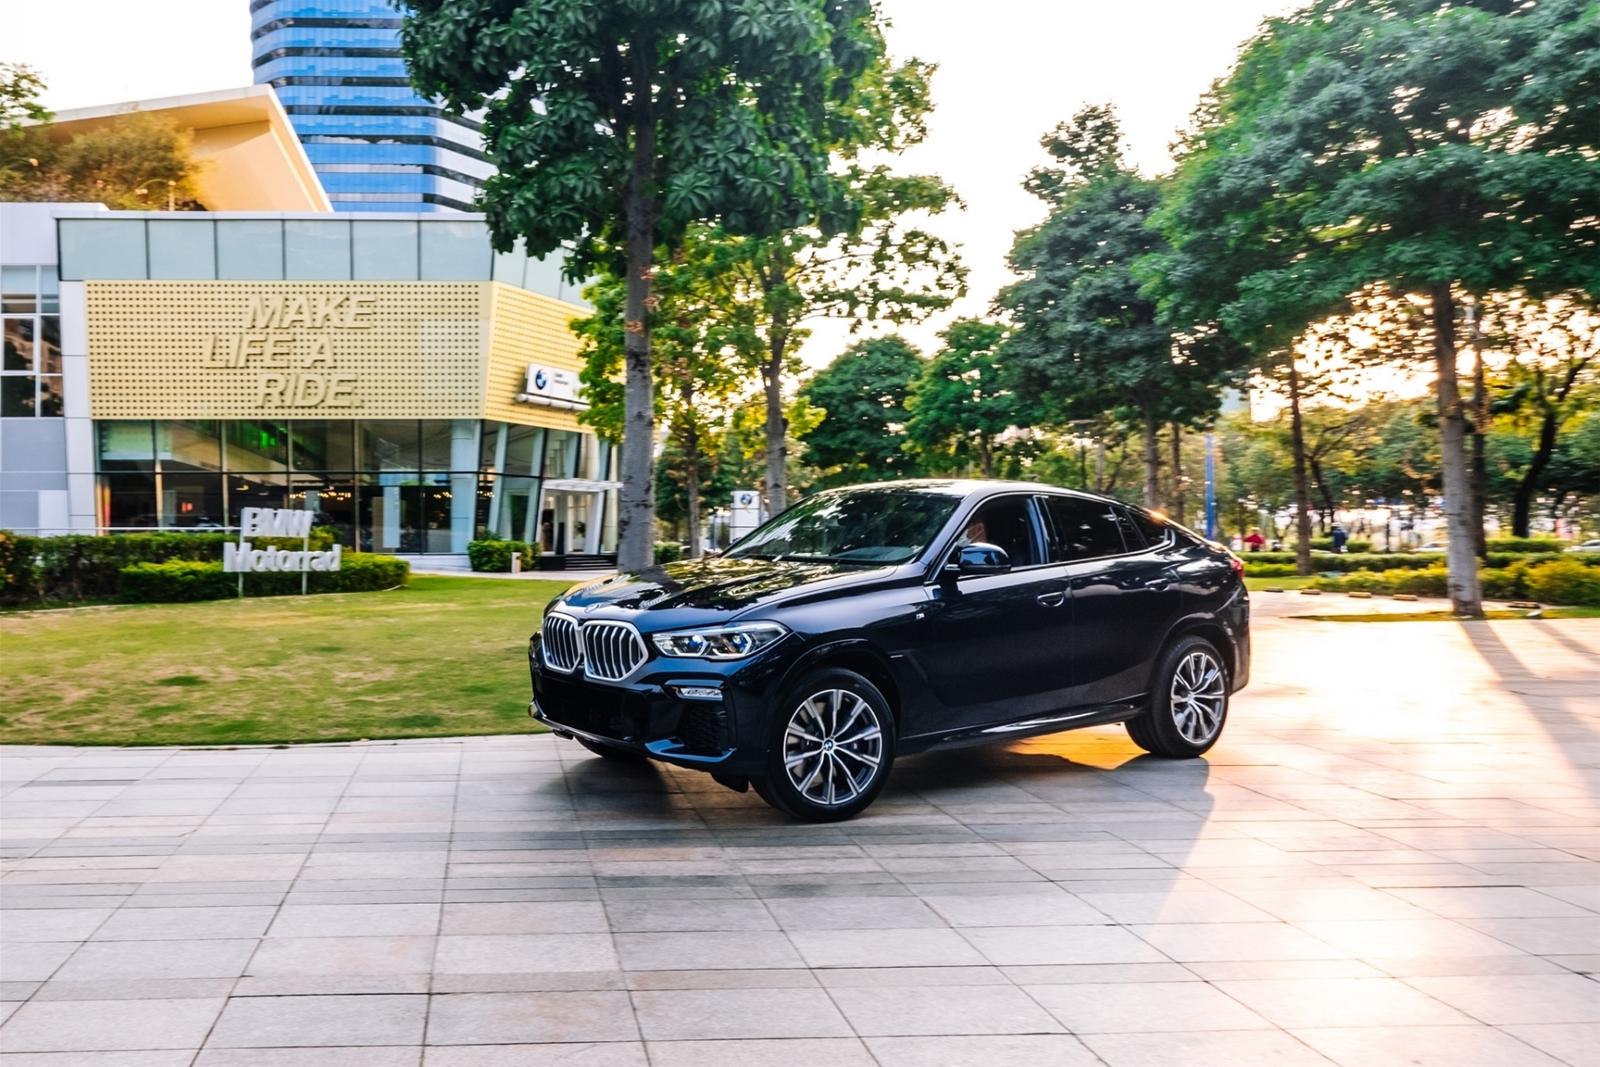 Cập nhật bảng giá xe ô tô BMW tháng 9/2020